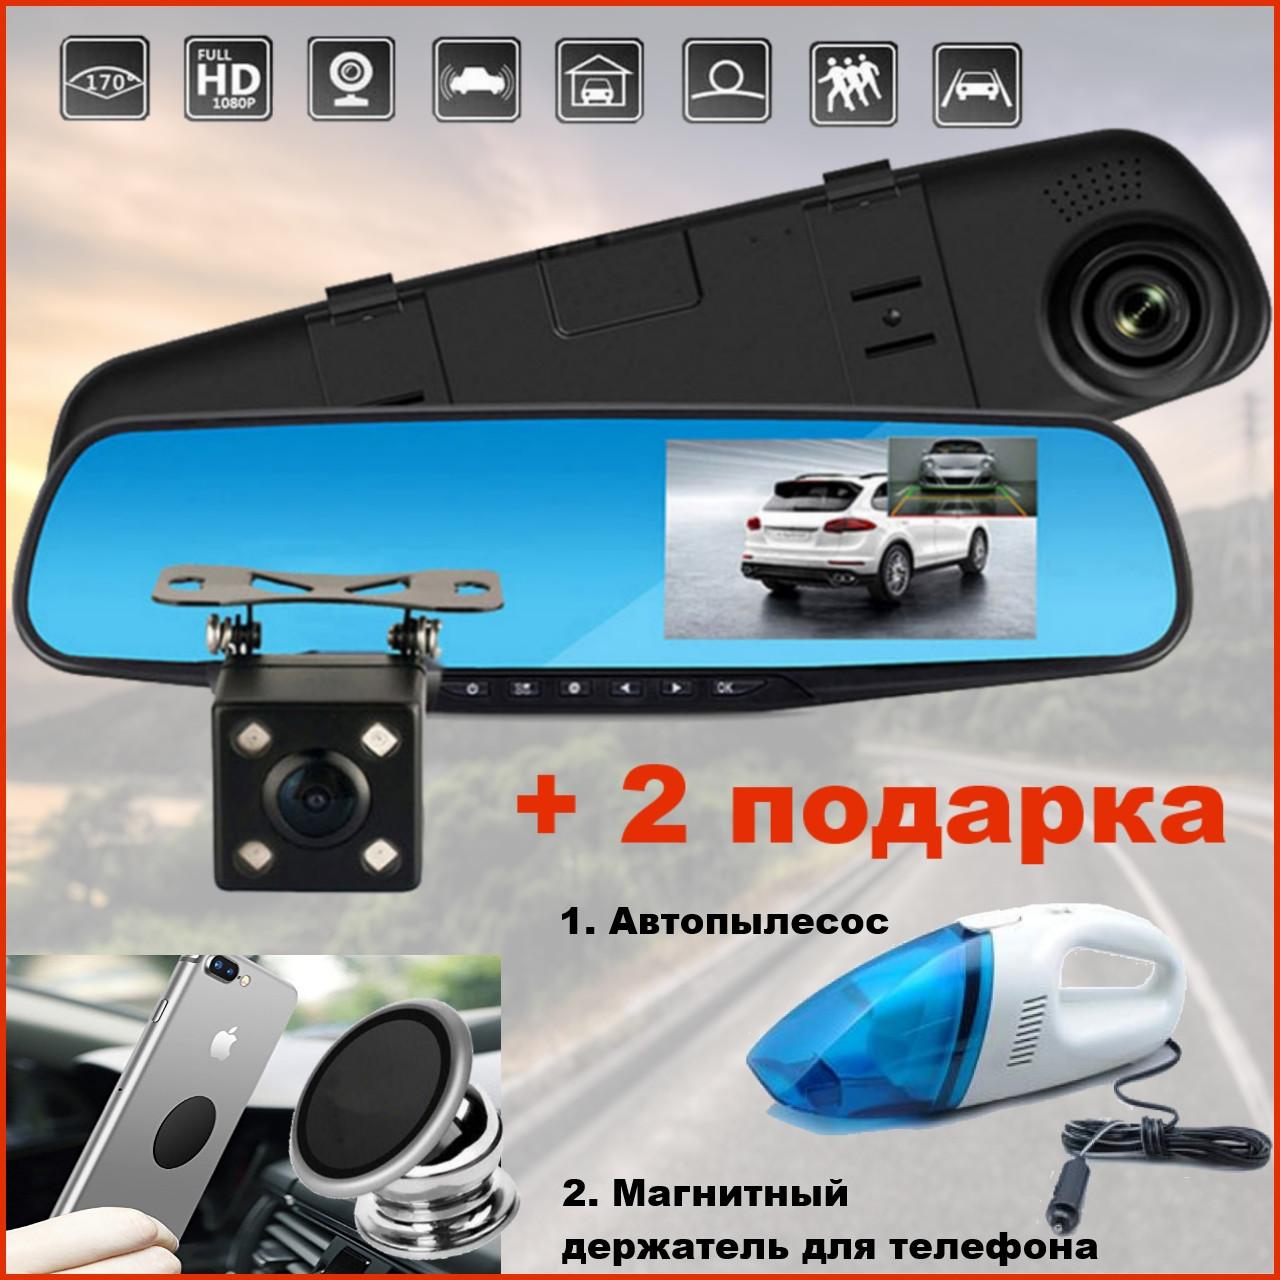 Автомобільне дзеркало відеореєстратор для авто на 2 камери VEHICLE BLACKBOX DVR 1080p камерою заднього виду